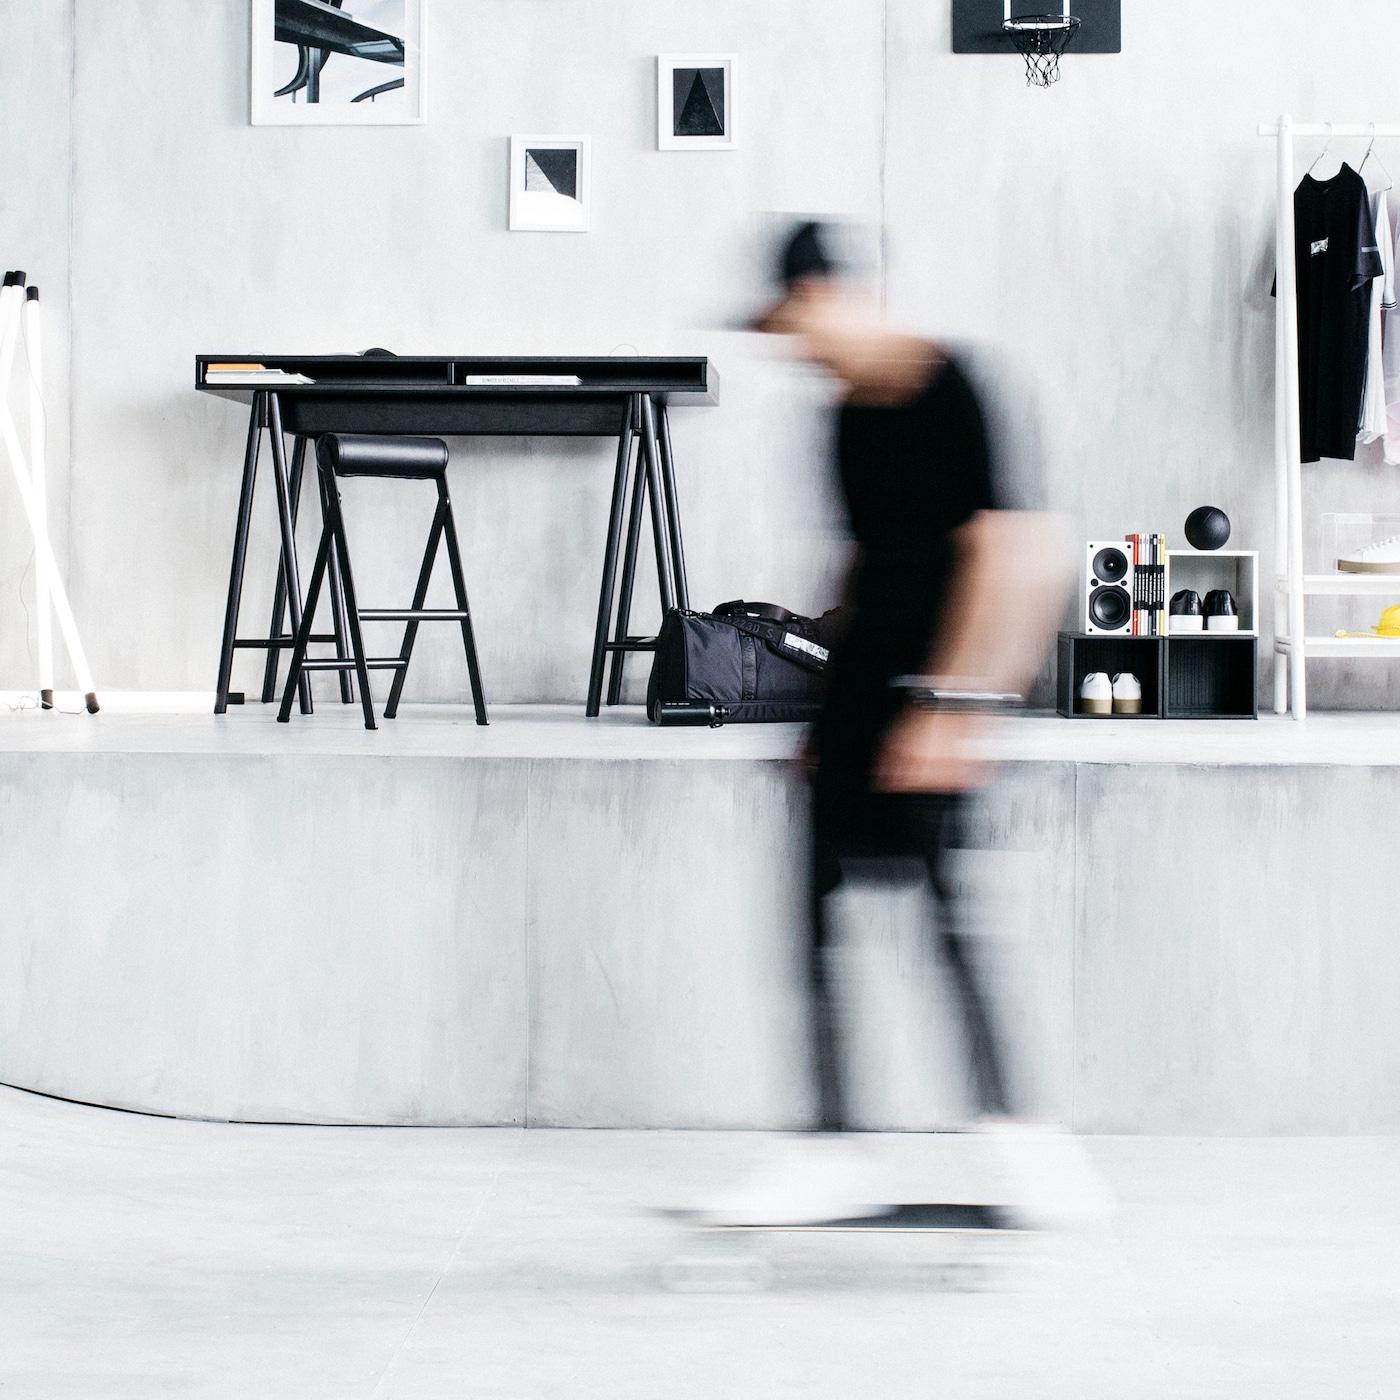 ... Marvelous Einfache Dekoration Und Mobel Street Art Fuer Zu Hause Von  Ikea #11: Streetwear ...